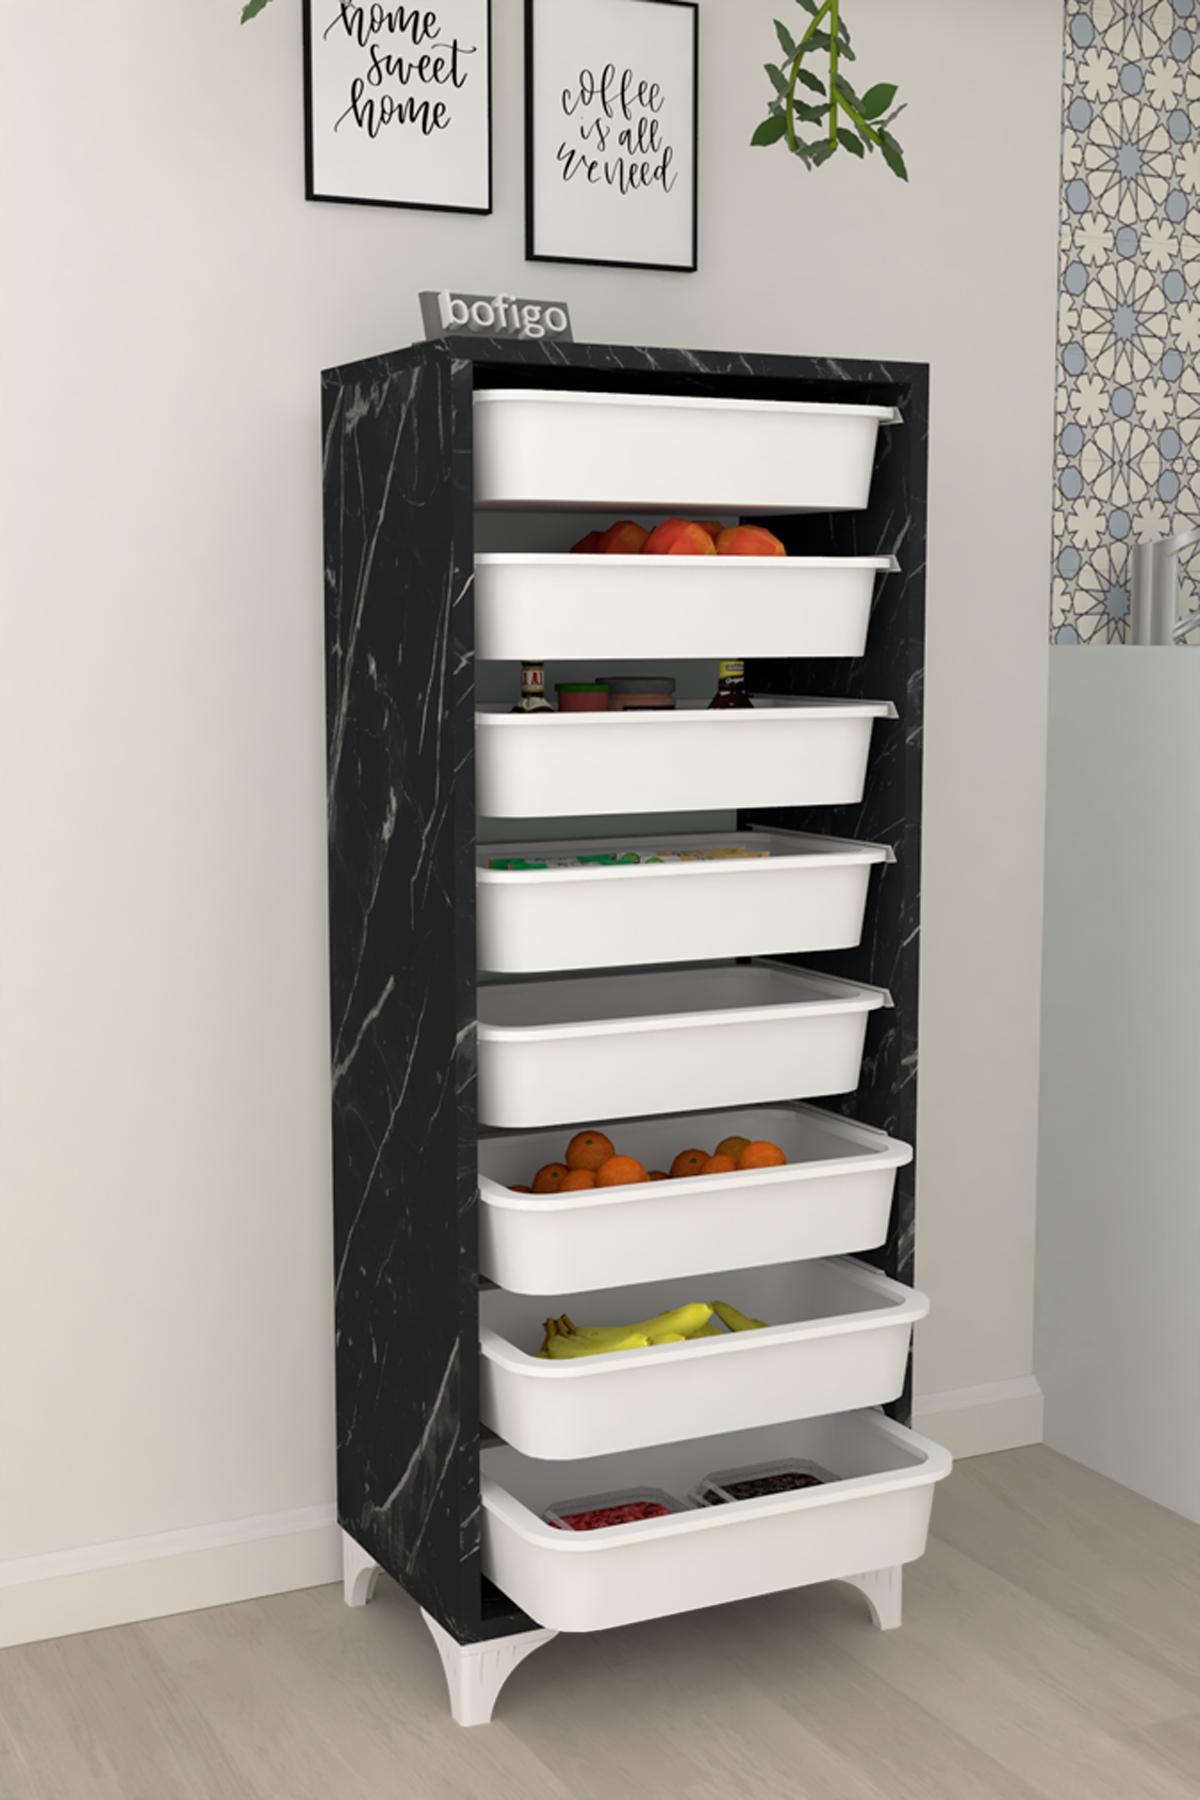 Bofigo 8 Basket Kitchen Cabinet Multi-Purpose Cabinet Crisper Bendir